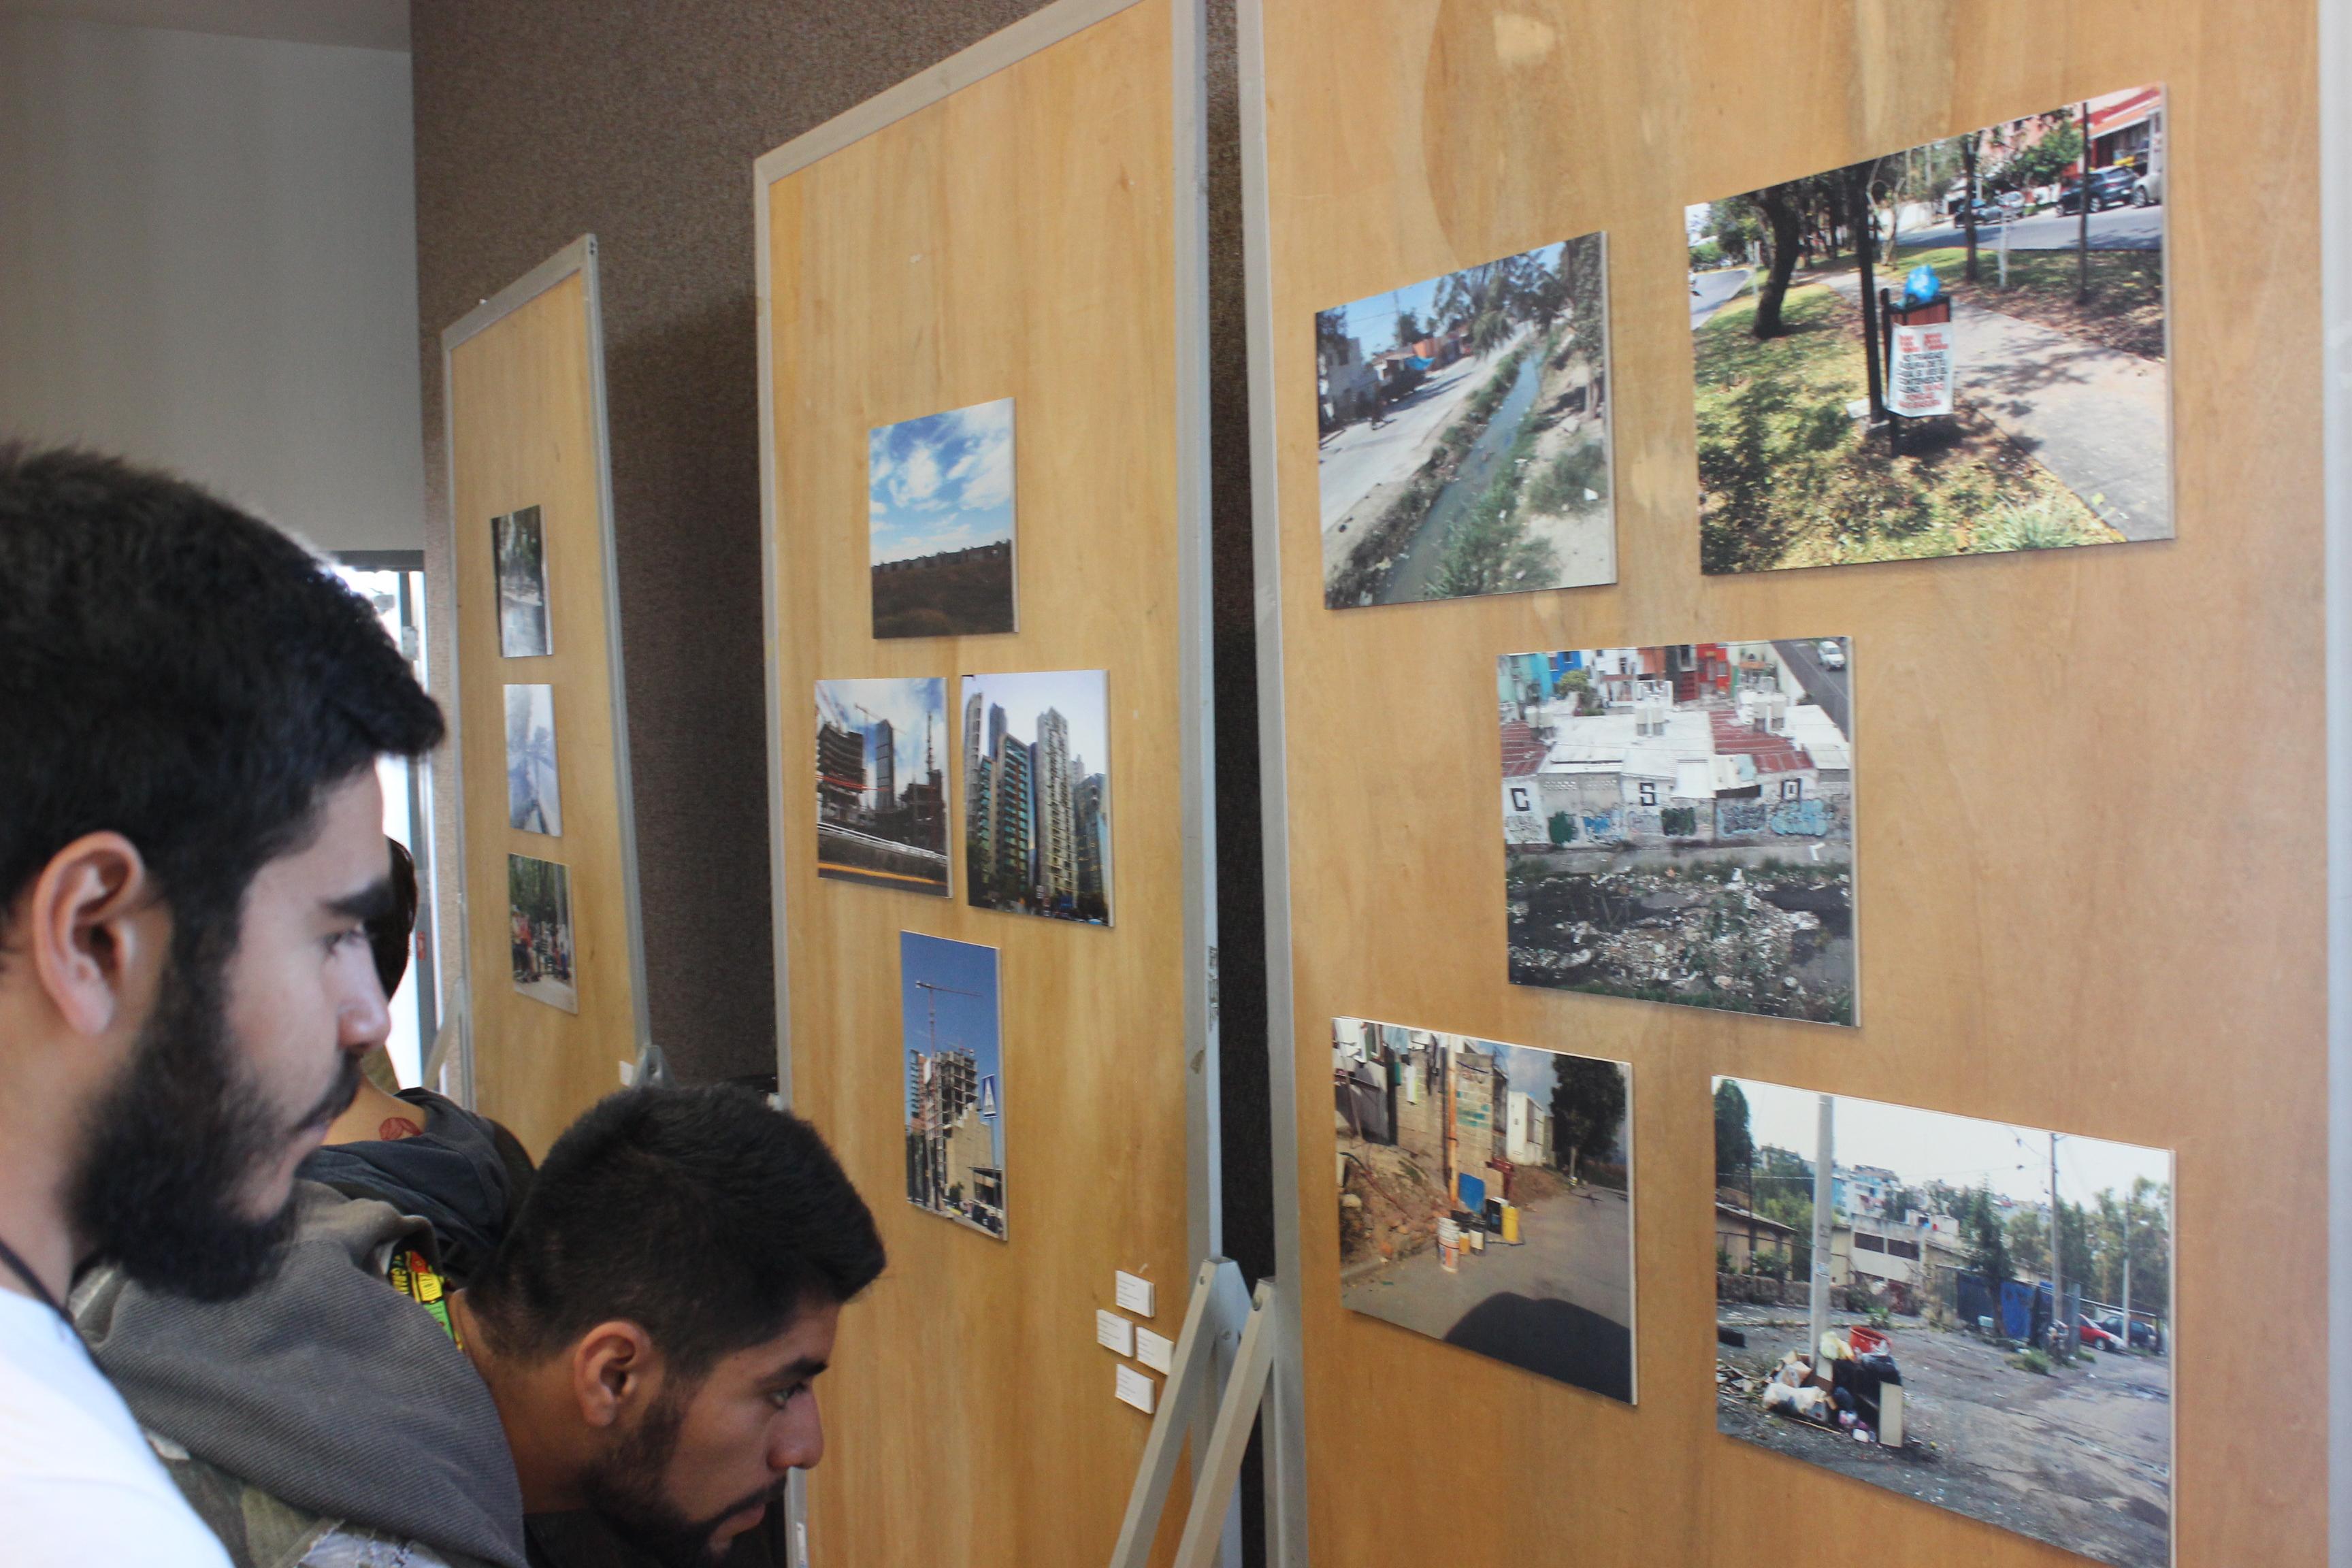 Exposición fotográfica en el marco del Coloquio de Procesos Urbanos y Sustentabilidad